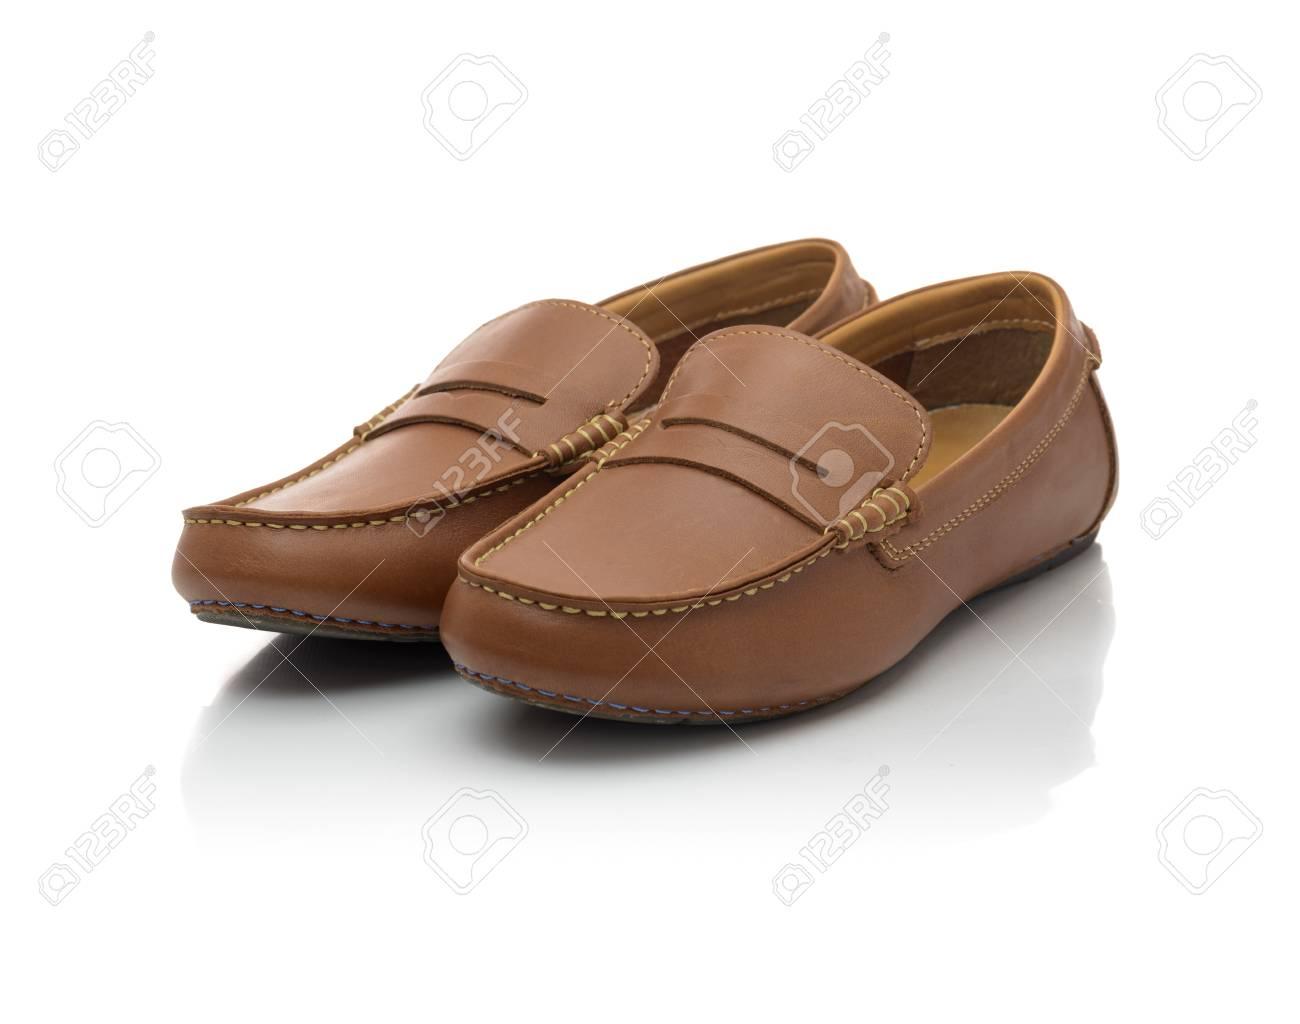 3cb12294a0 Foto de archivo - Marrón Moda Hombre Casual zapatos aislados en el fondo  blanco